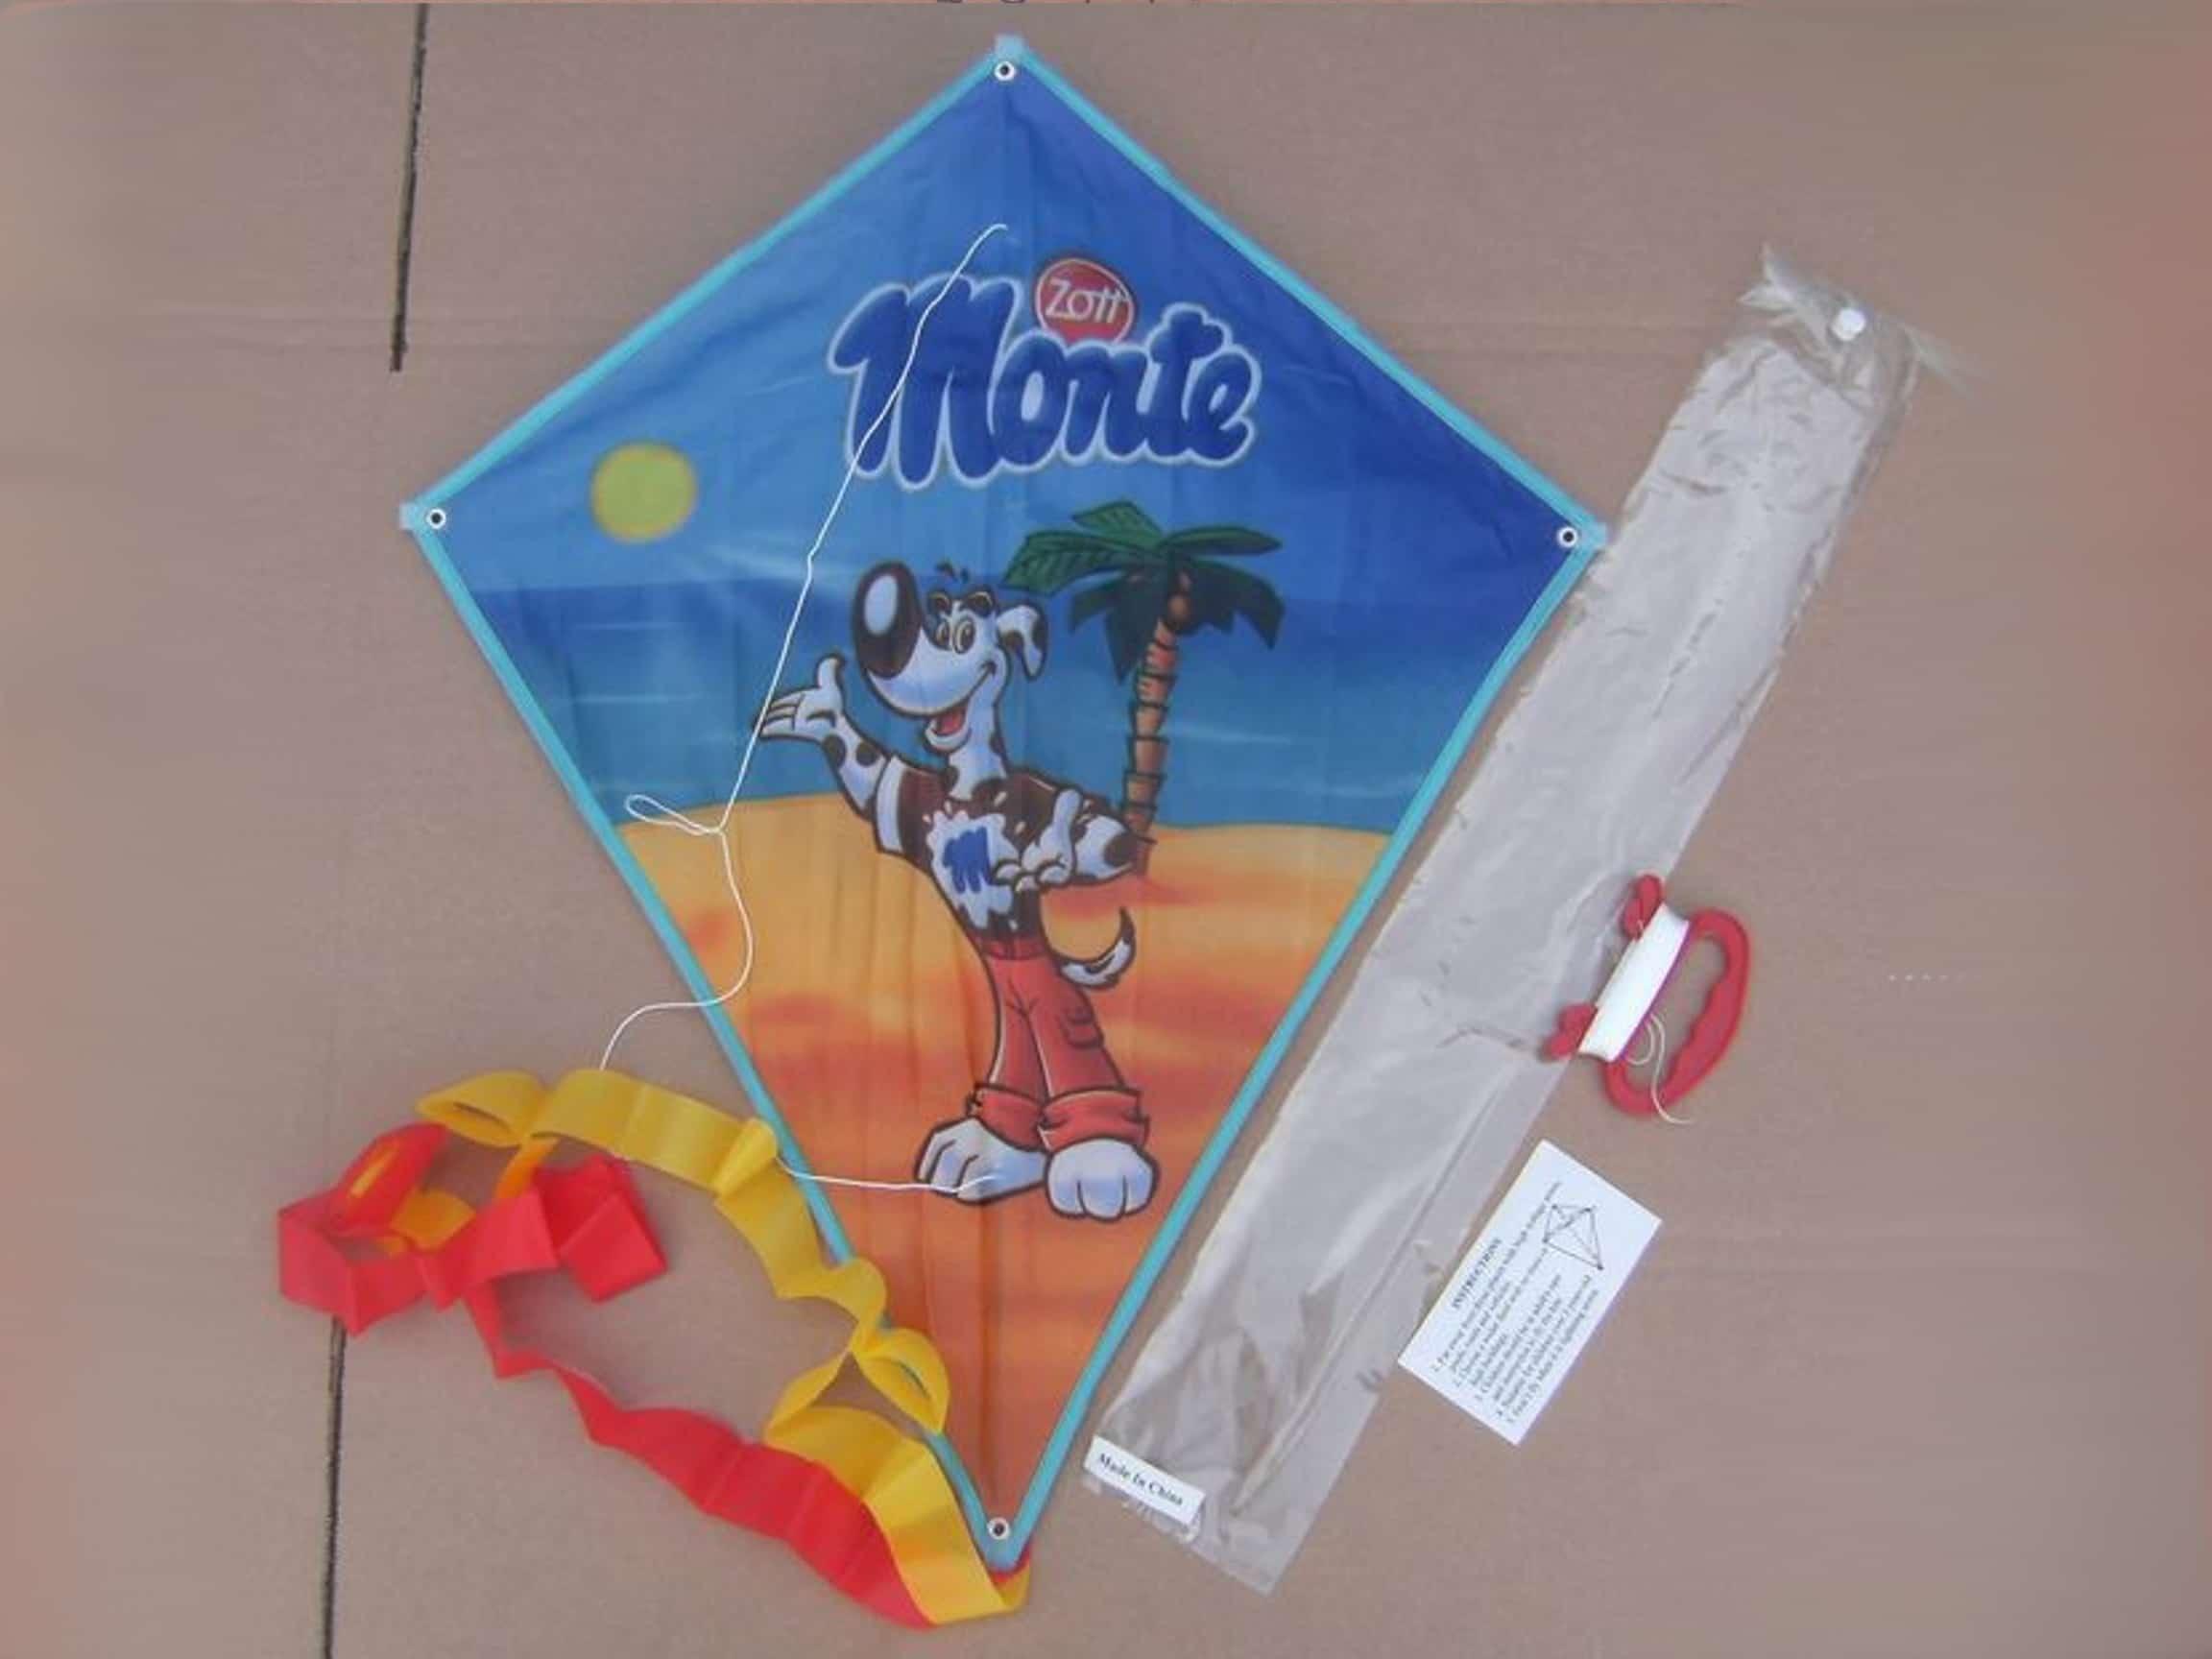 Voorbeeld Vliegers laten bedrukken Monte mascotte -Promo Bears-